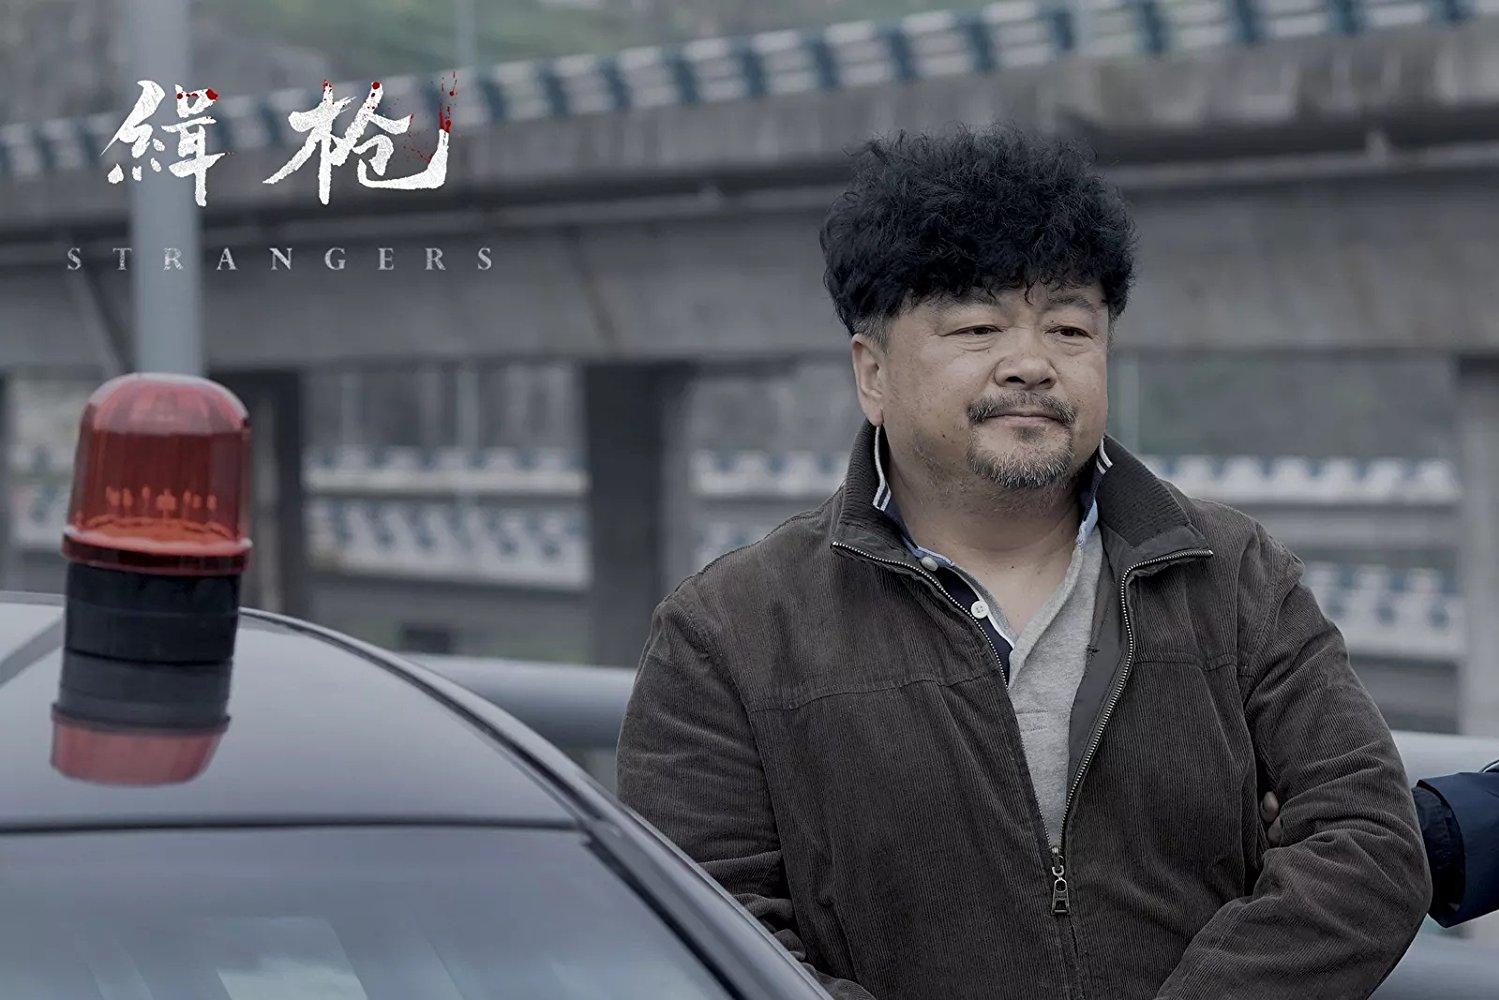 Strangers [Audio: China]